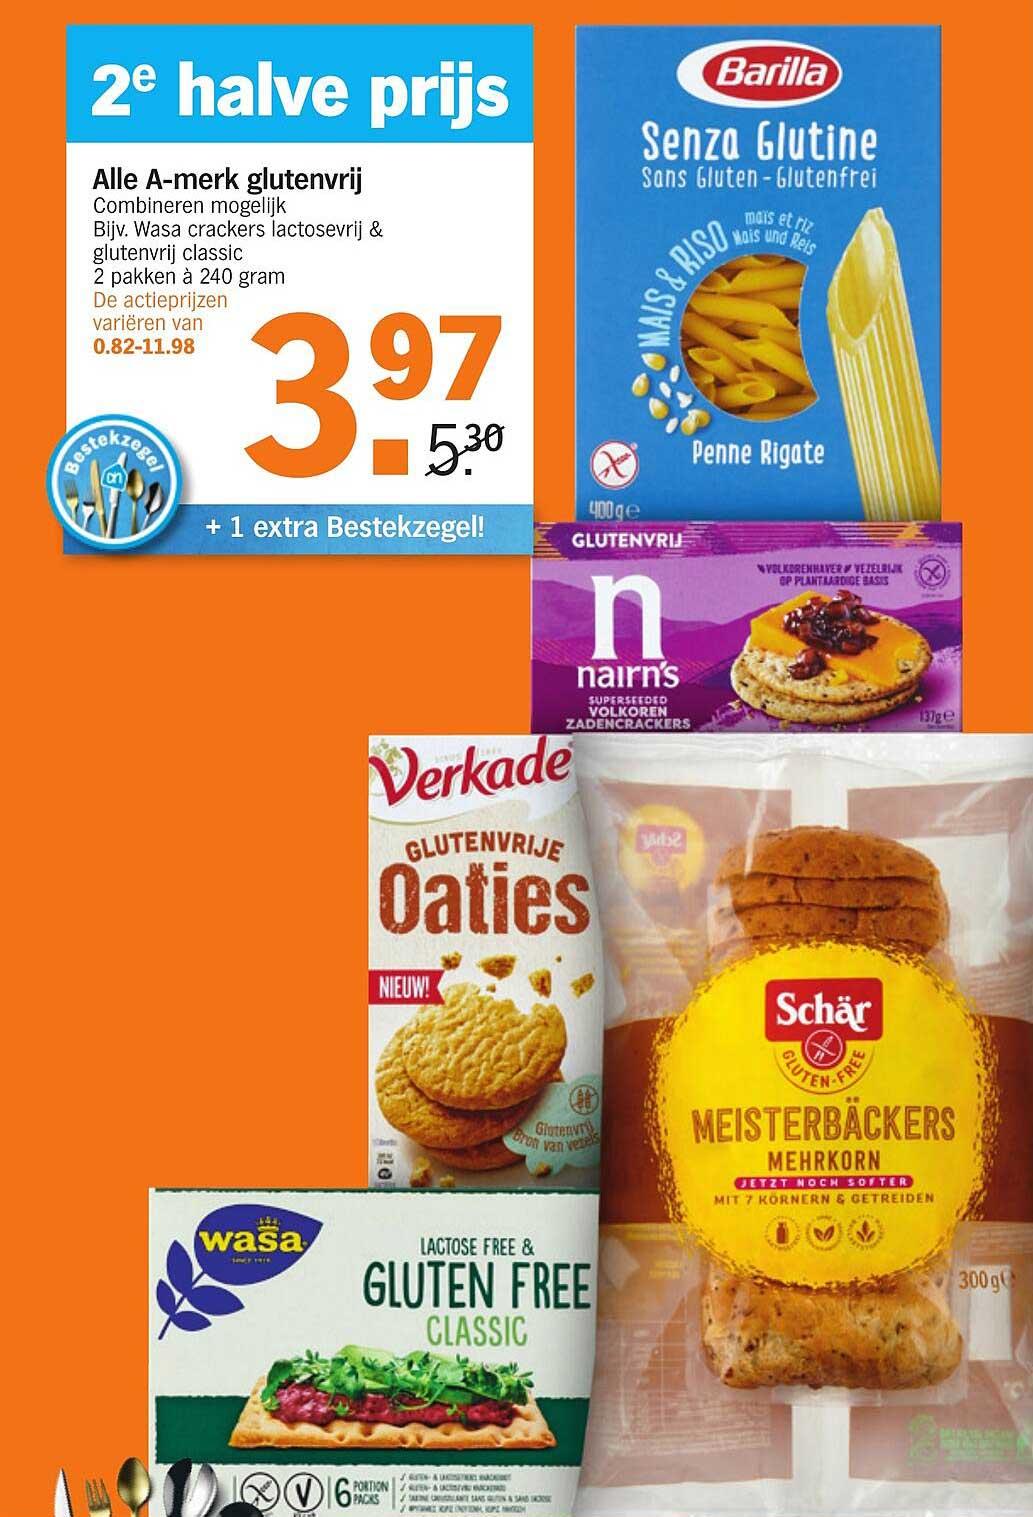 Albert Heijn Alle A-merk Glutenvrij